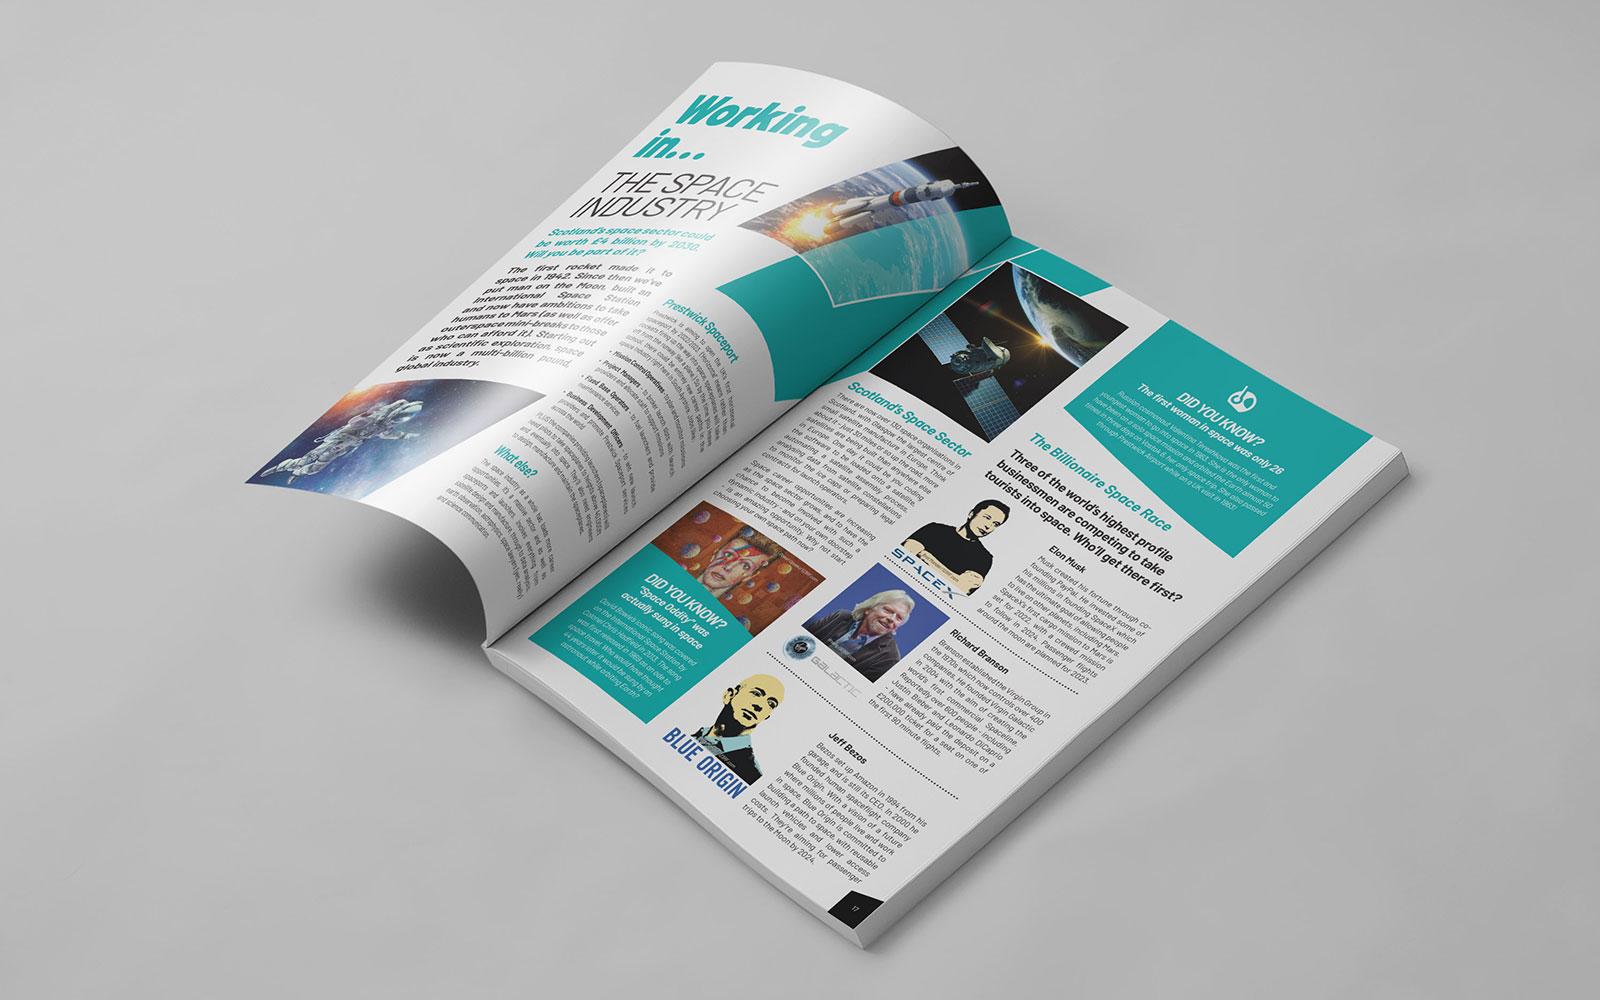 Skypath magazine design